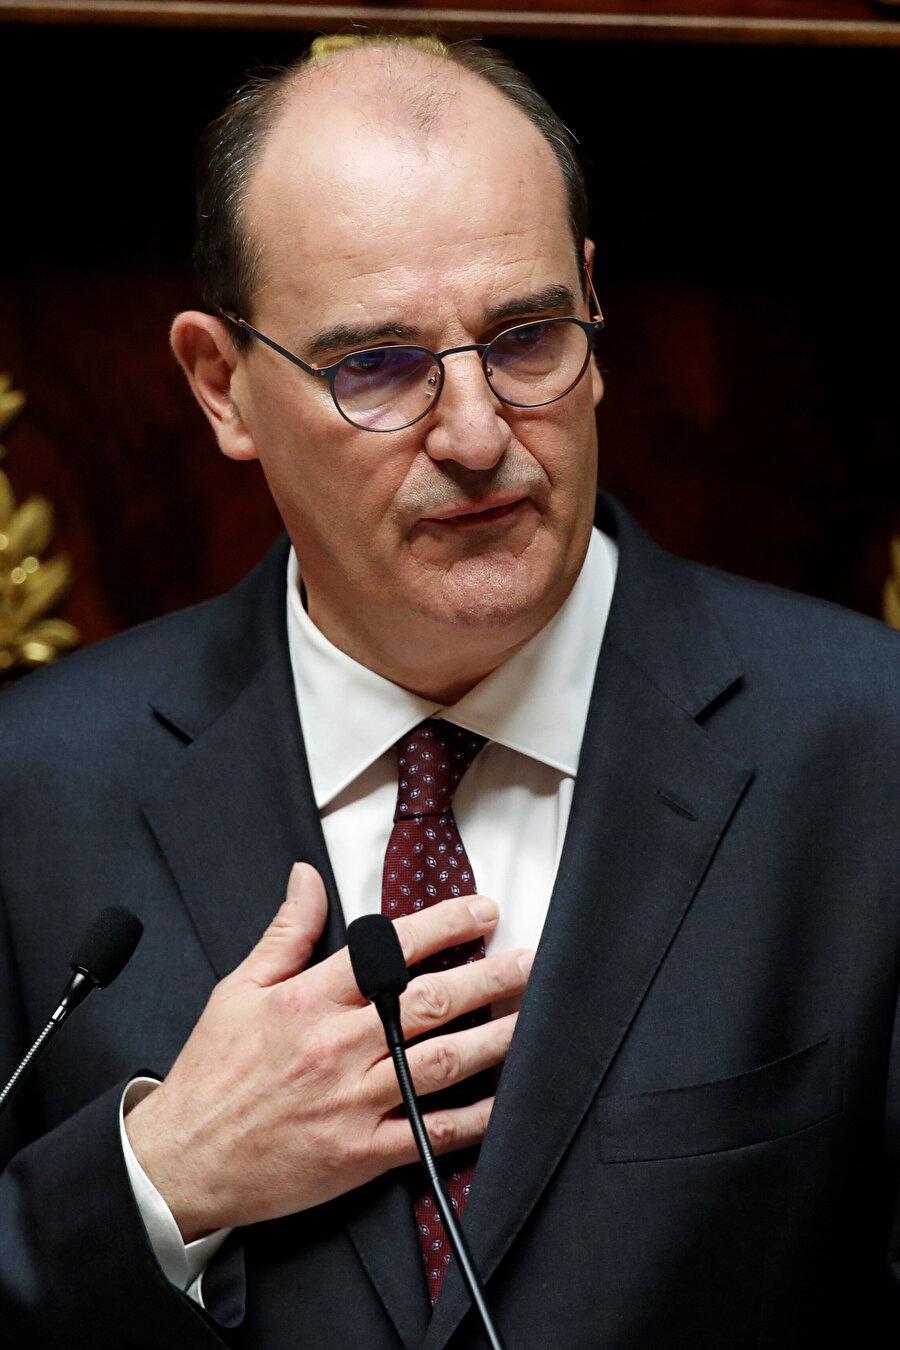 Jean Castex siyasal İslam'la mücadelenin hükümetin önceliği olduğunu açıkladı.